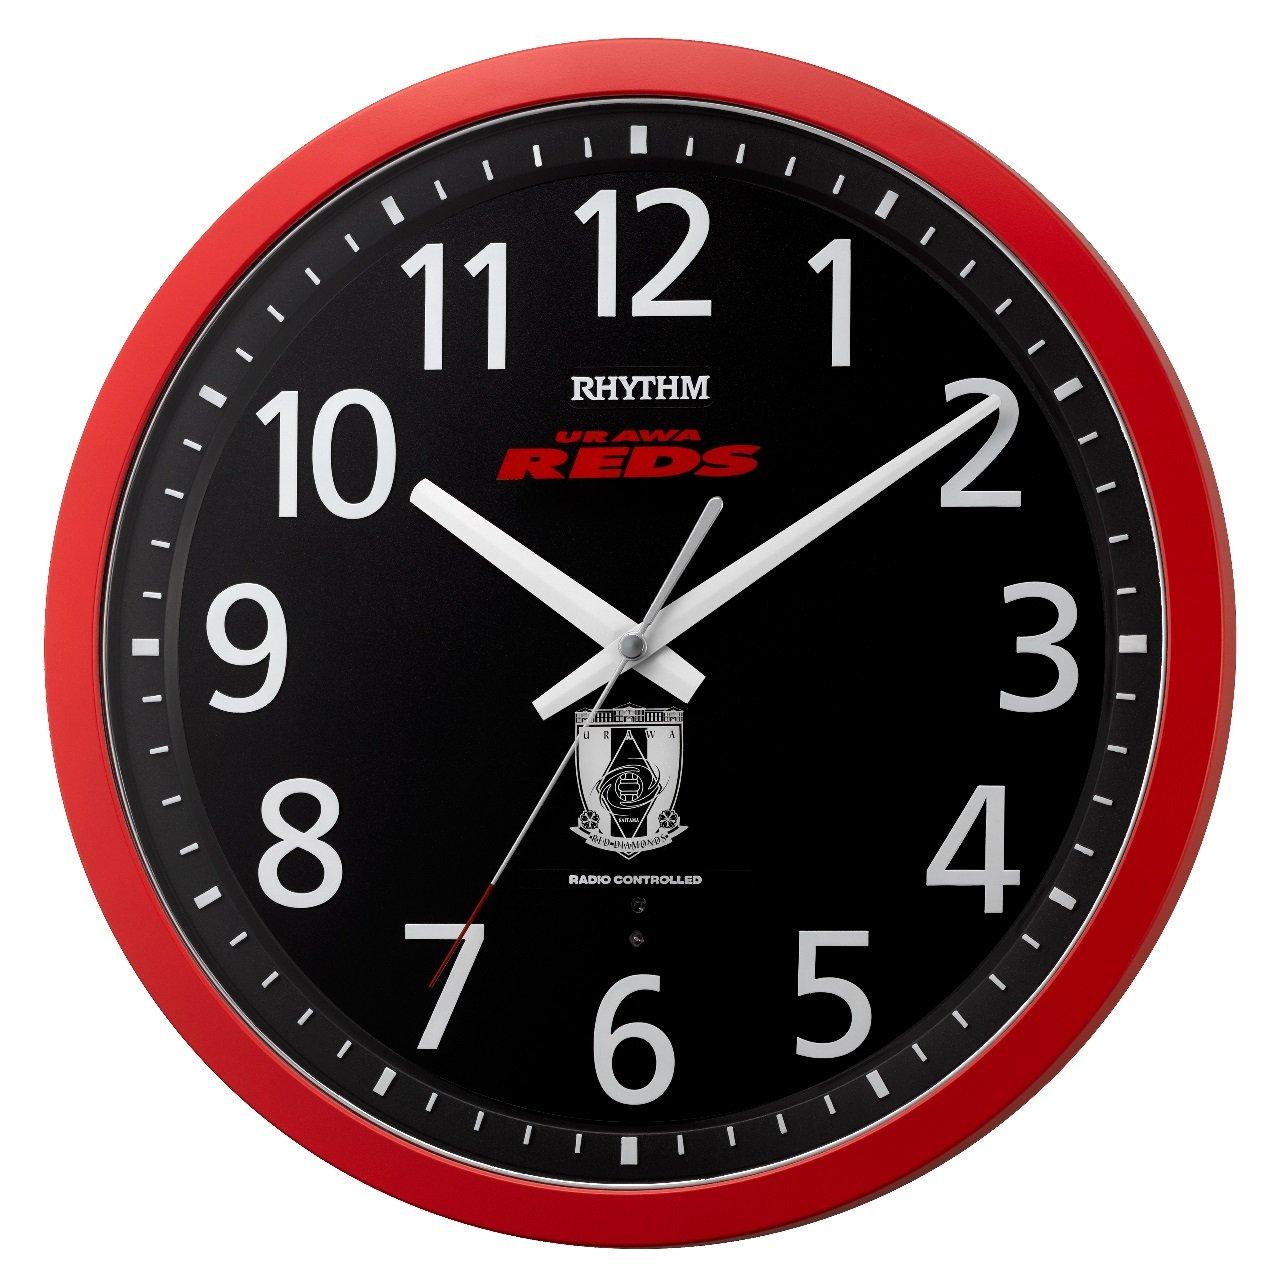 URAWA REDS ( 浦和レッズ ) 掛け時計 電波 アナログ 連続秒針 赤 リズム時計 8MY523RD01 B06XNLVNKP